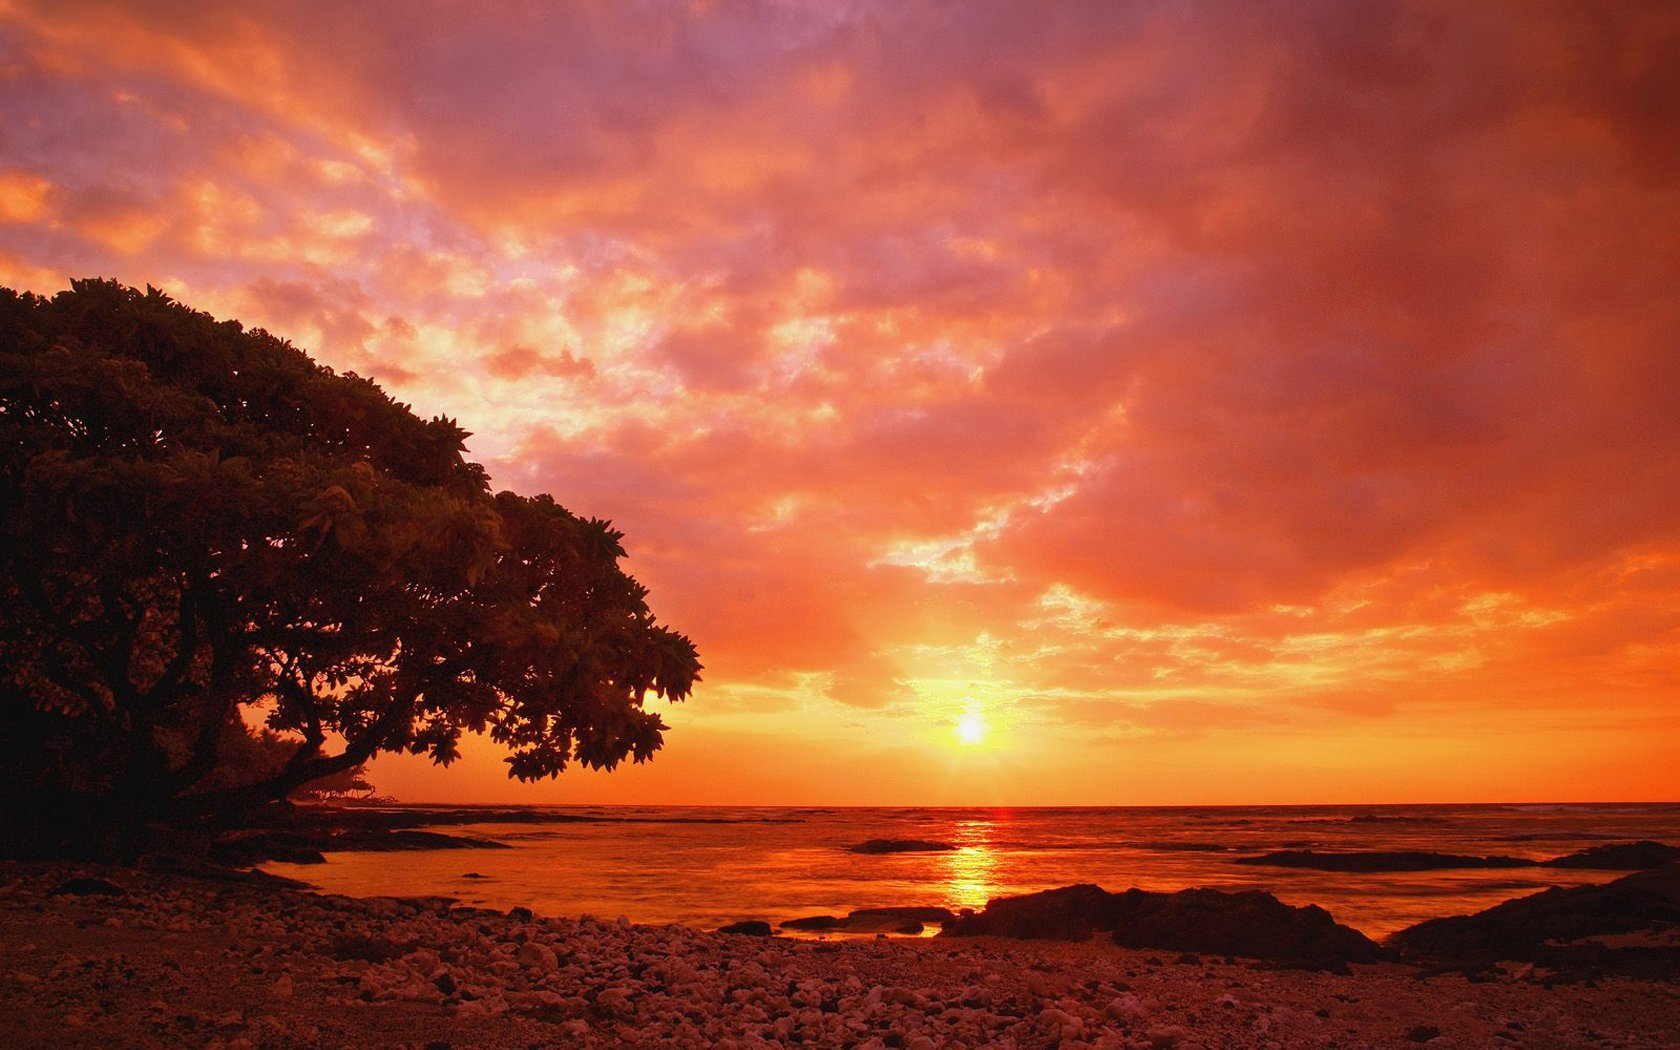 黄昏阳光美景电脑壁纸图片